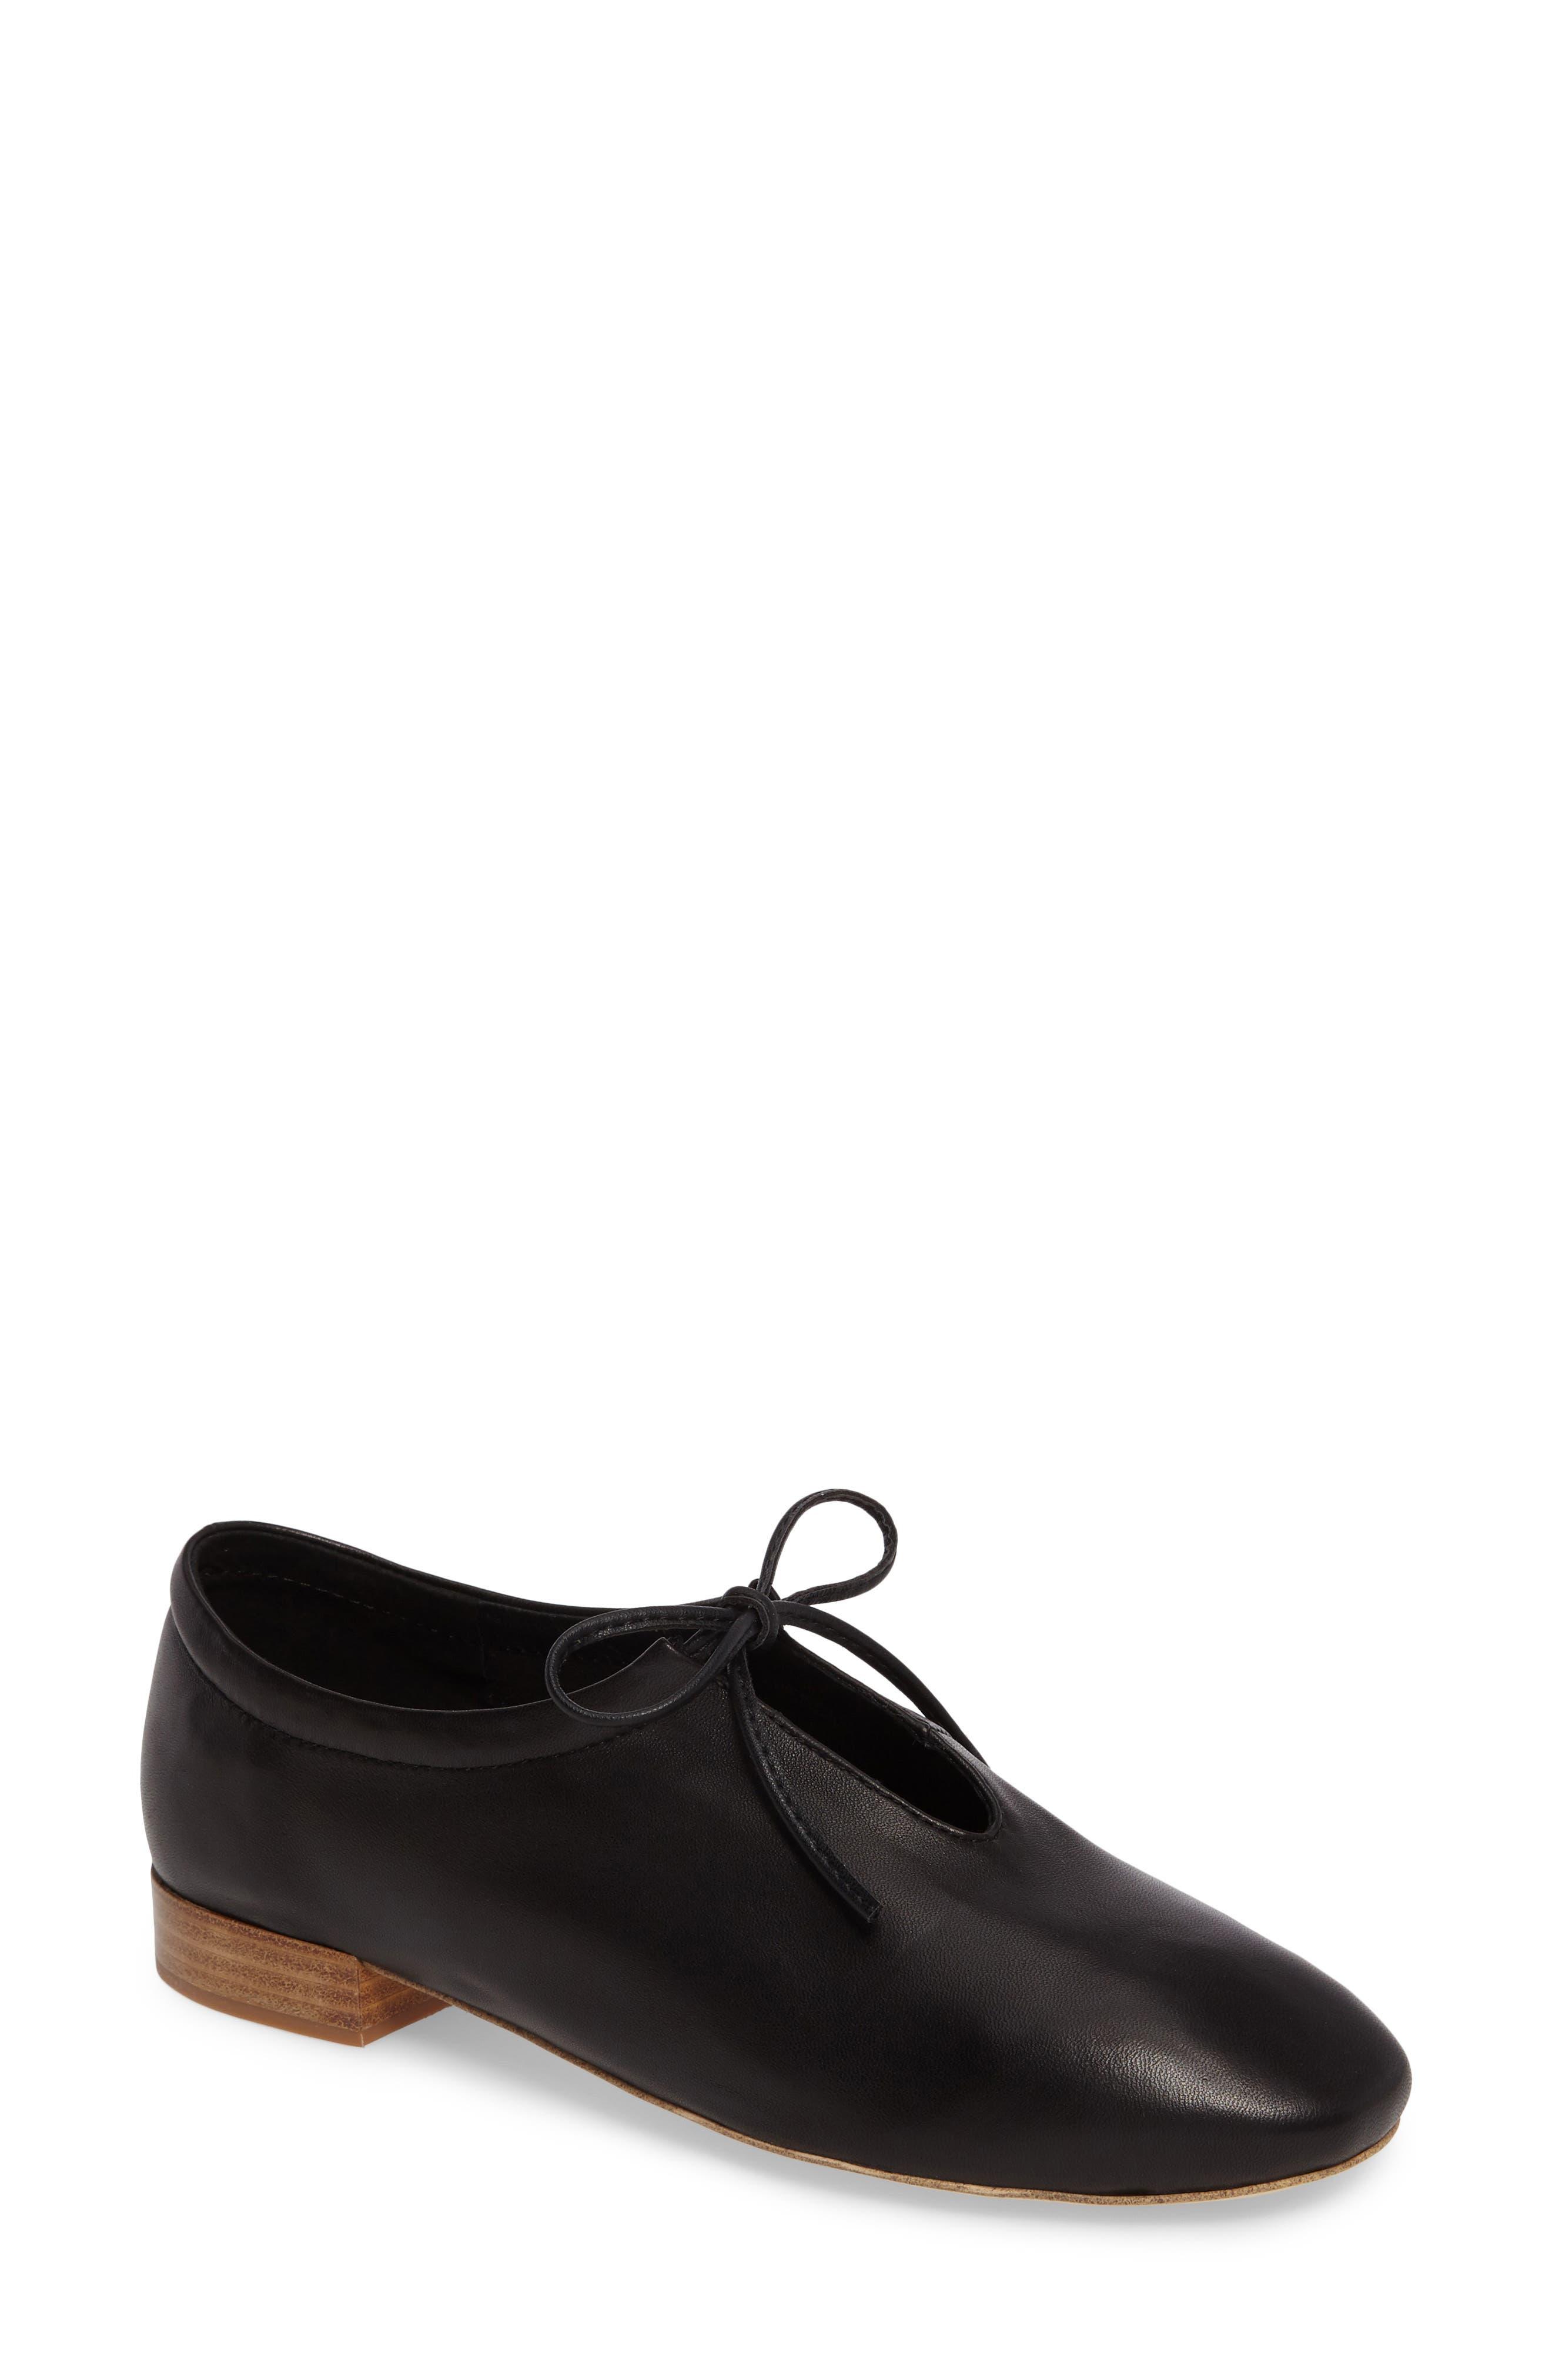 Prieto V-Cut Flat,                             Main thumbnail 1, color,                             Black Leather